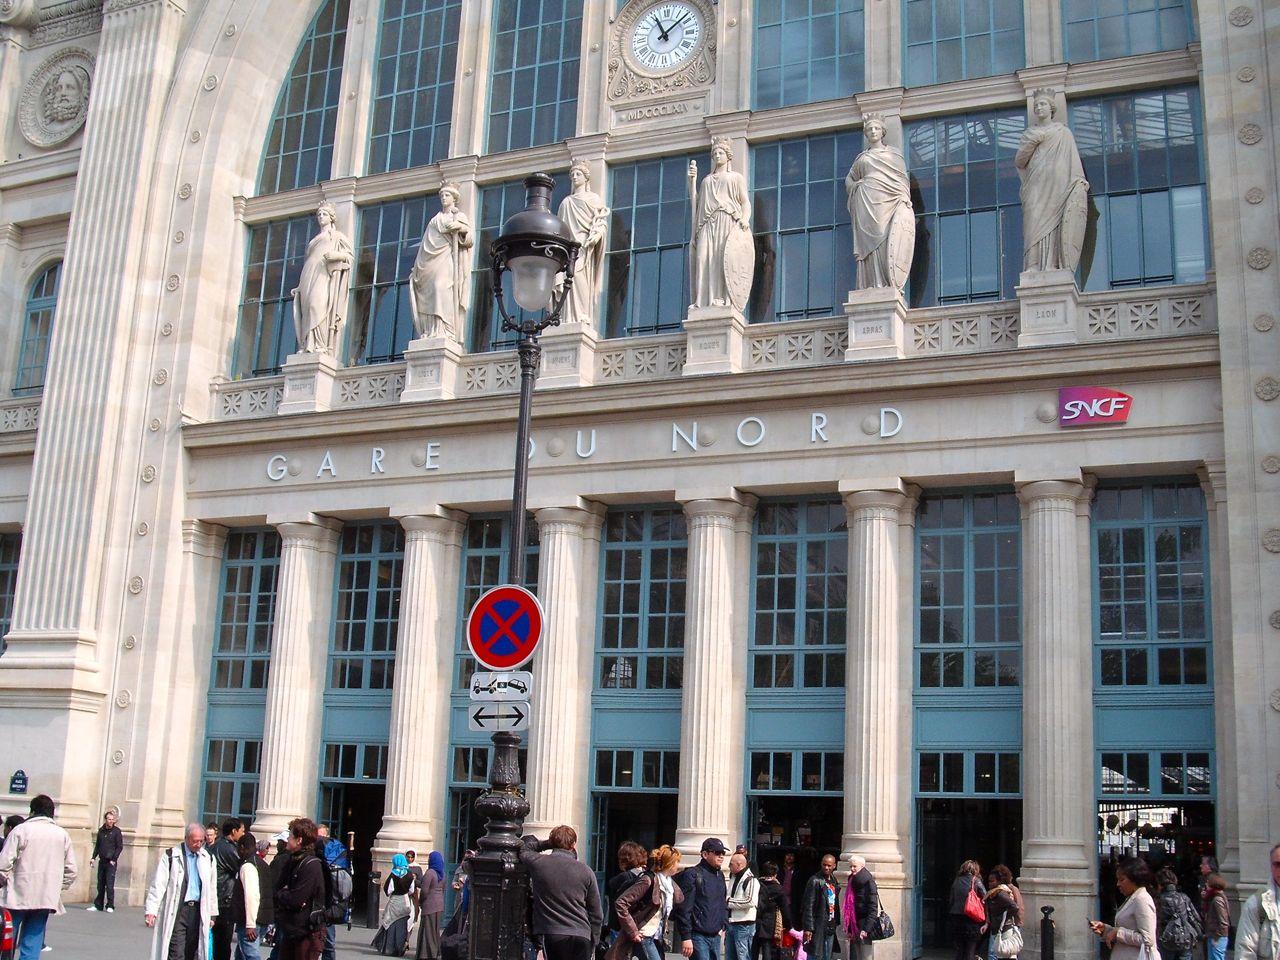 Main facade of Gare du Nord